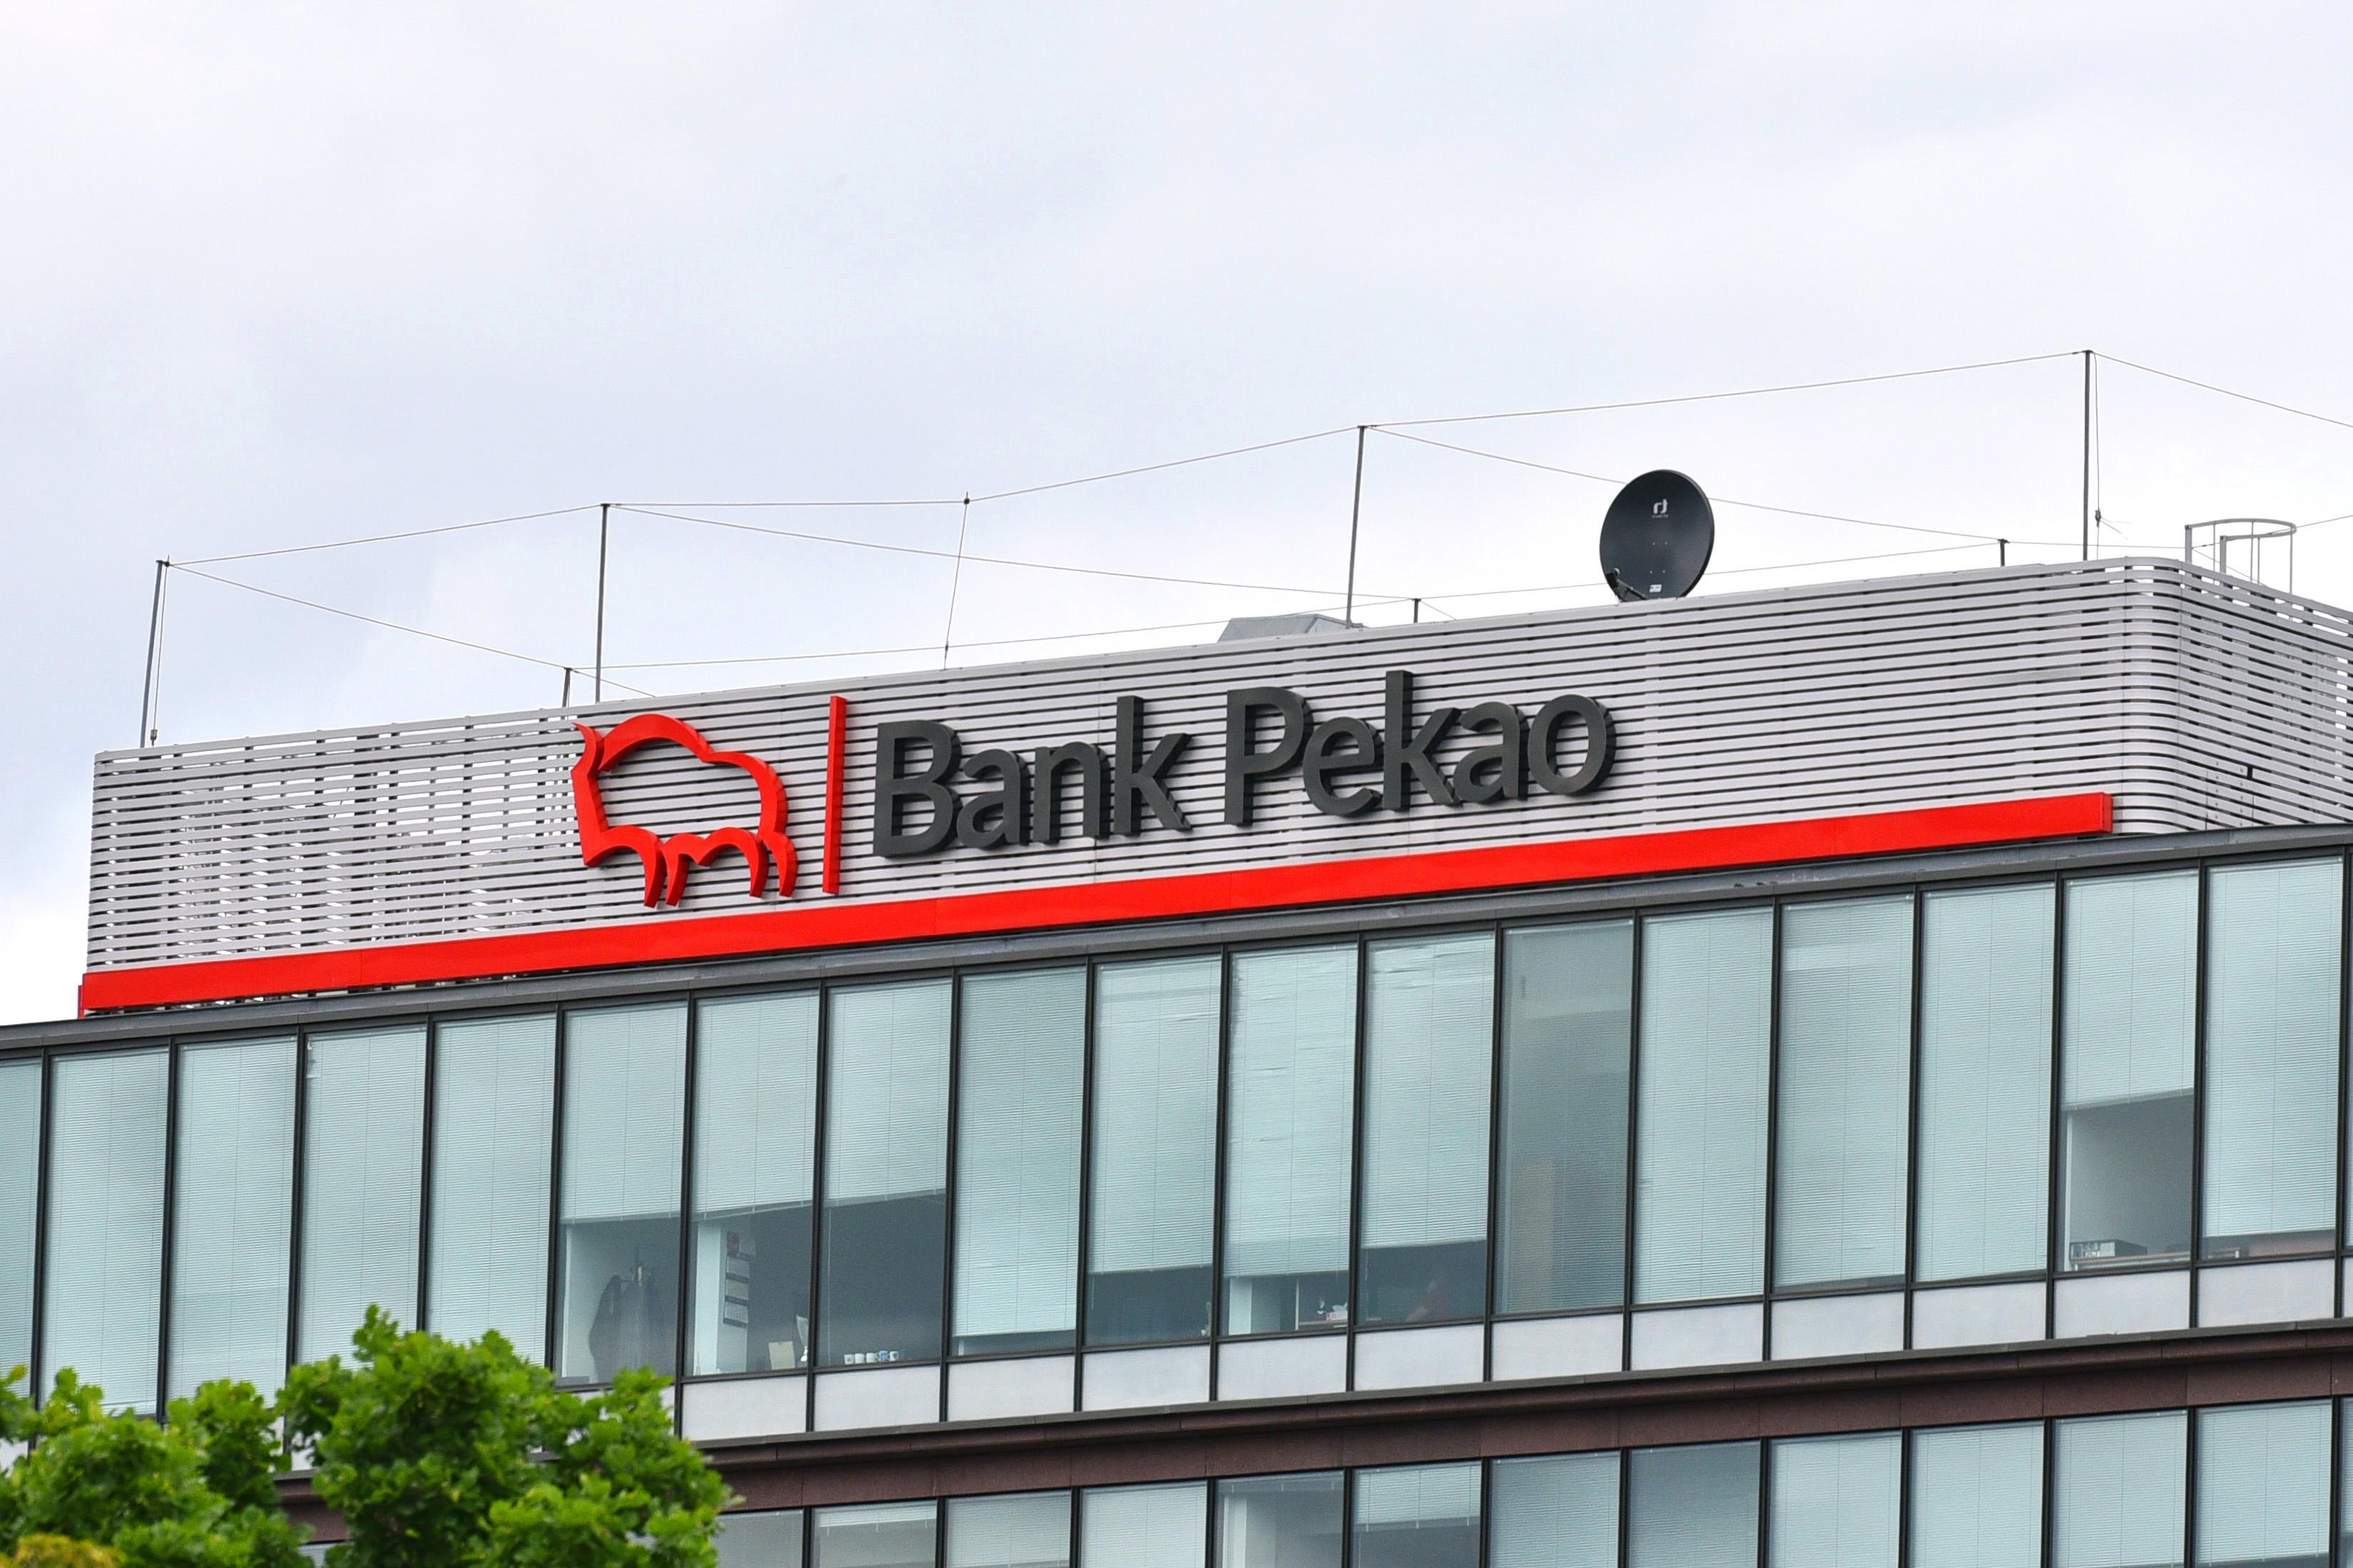 200 zł nagrody z darmowym kontem bankowym